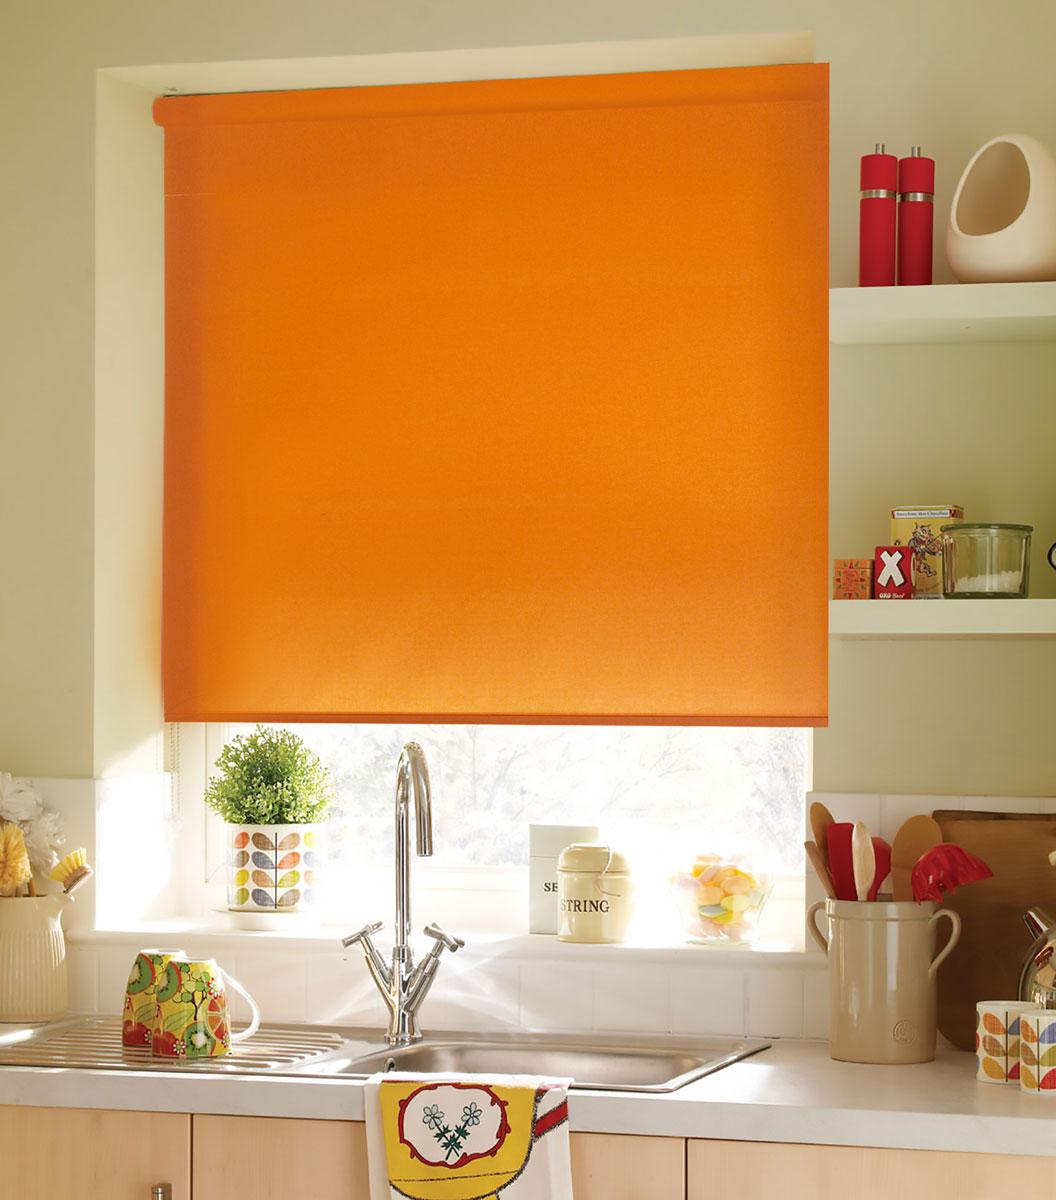 Миниролло KauffOrt 83х170 см, цвет: оранжевый